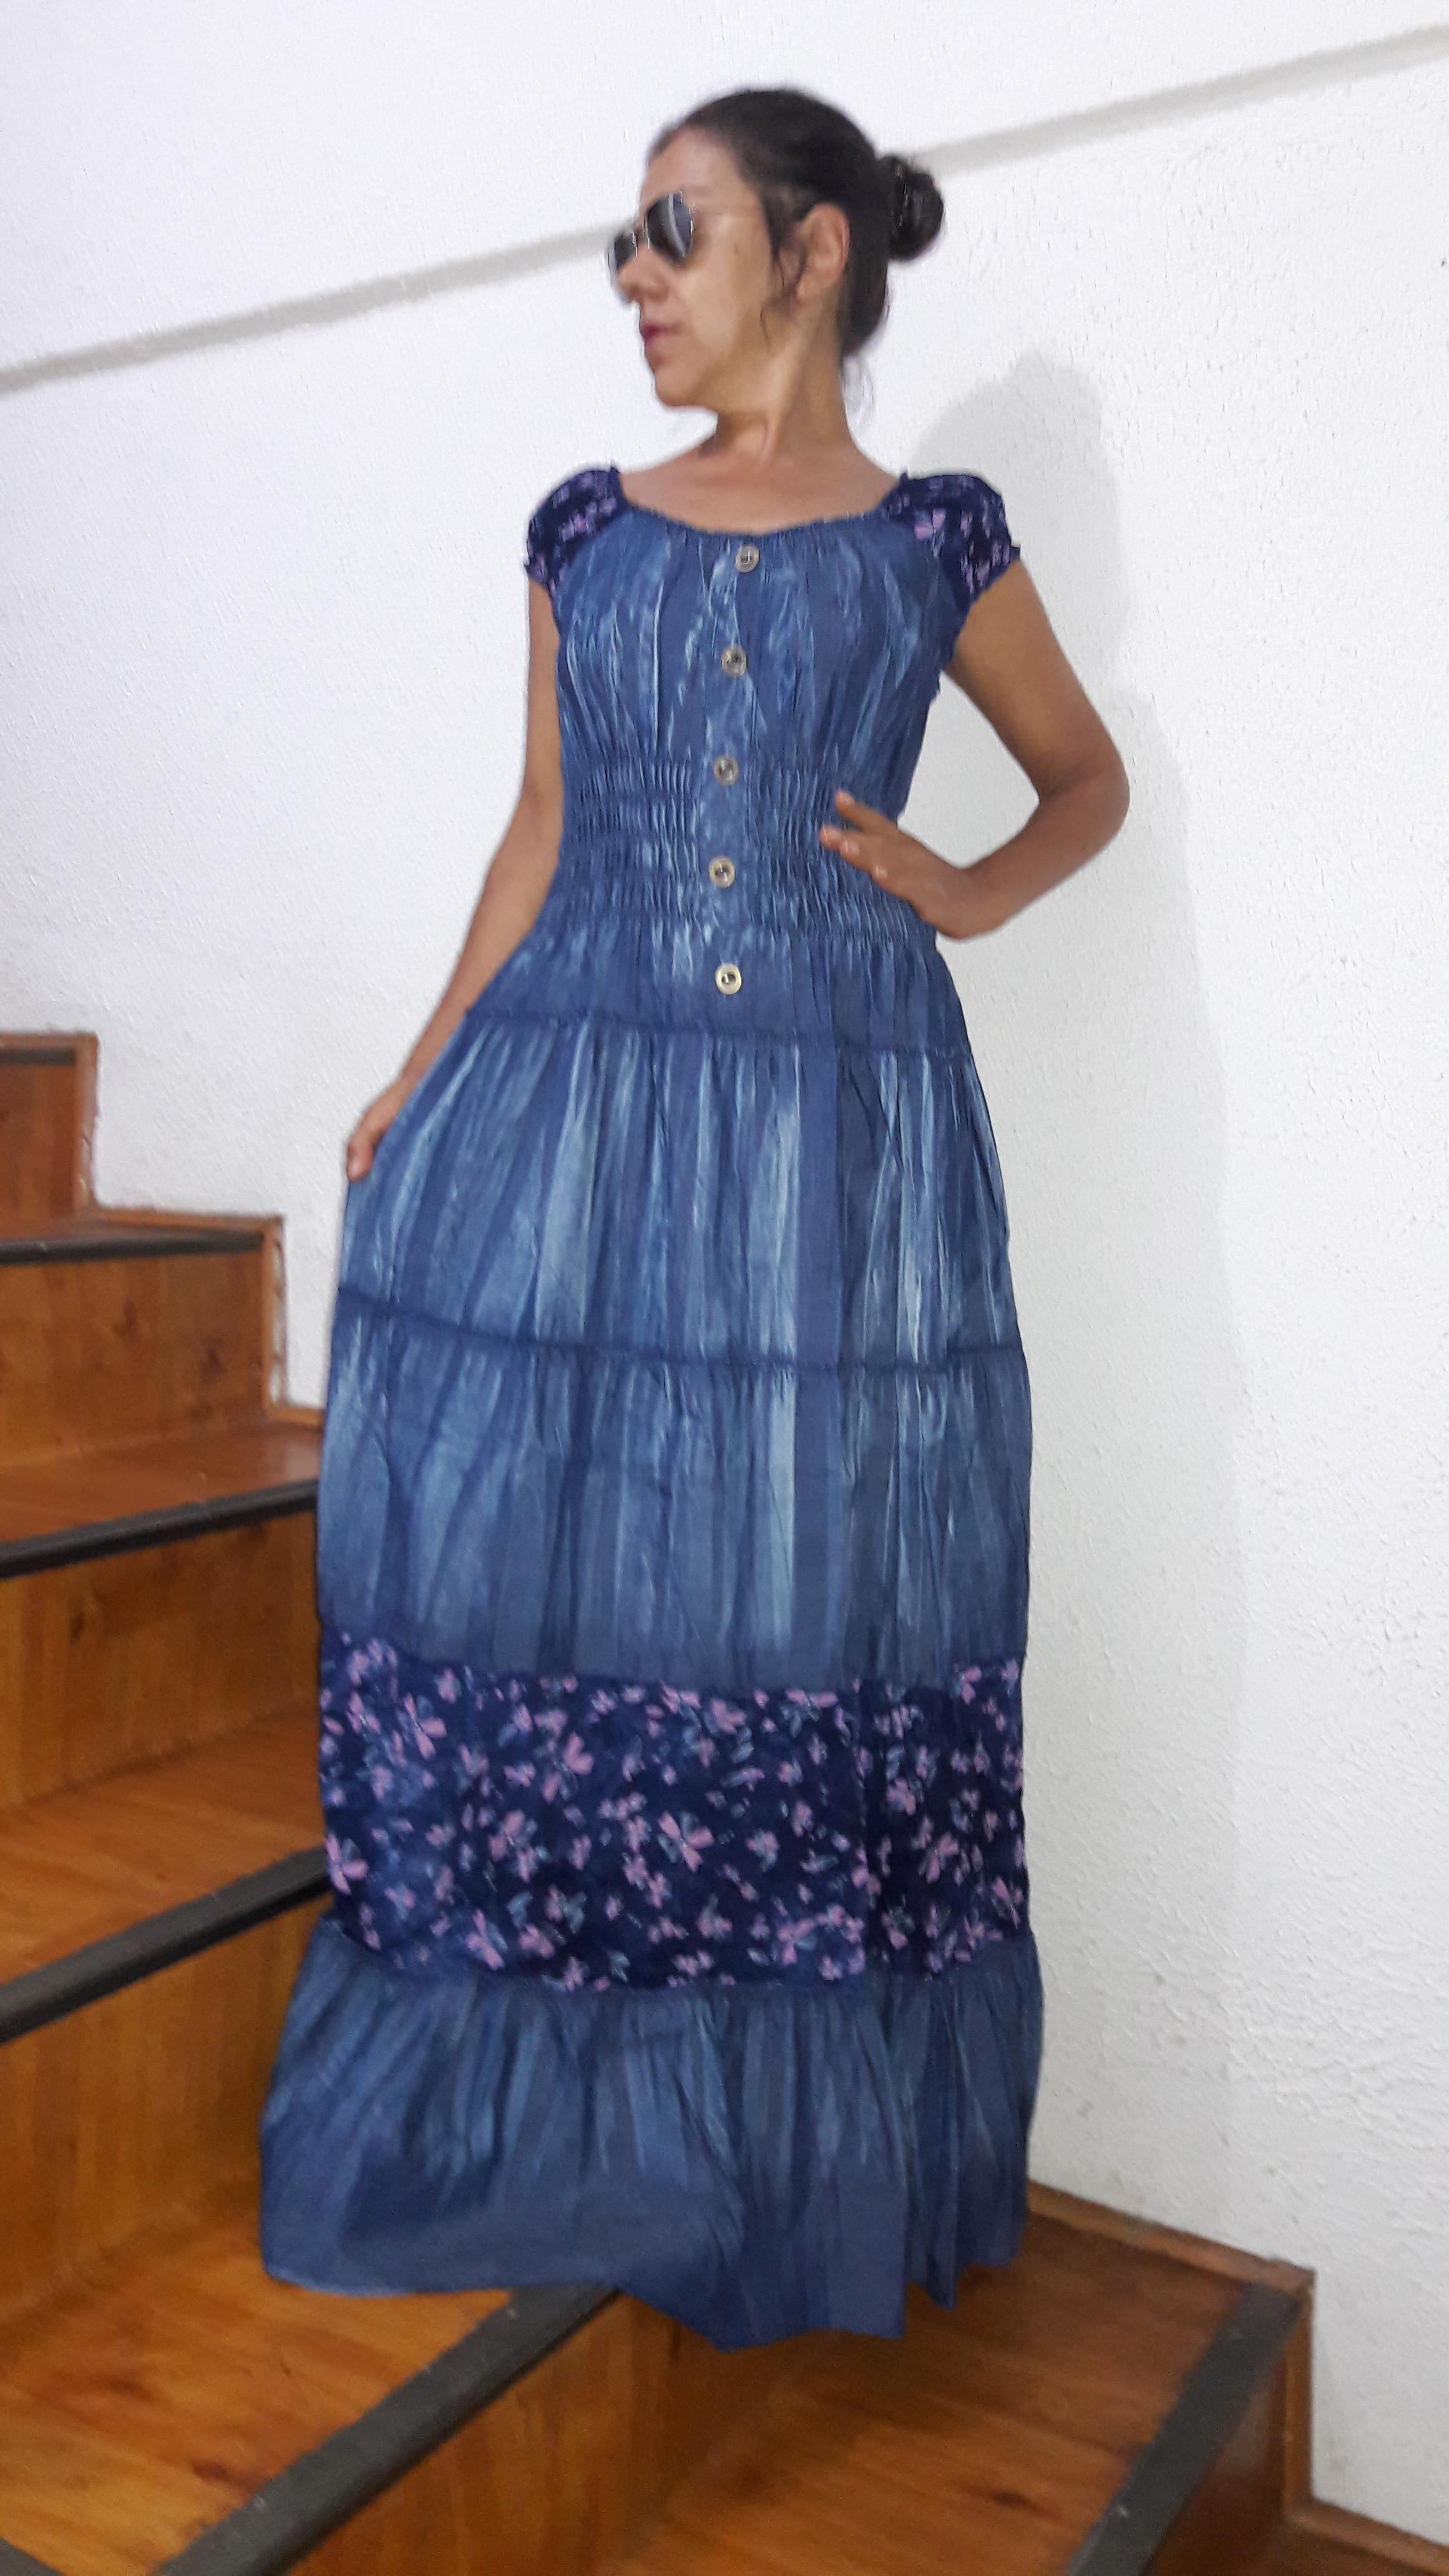 f486f0001 vestido jeans longo estilo cigano promoção no Elo7 | Belíssima Moda  Criativa Bordados e Rendas - Ateliêr Artesanal (D2E2C0)